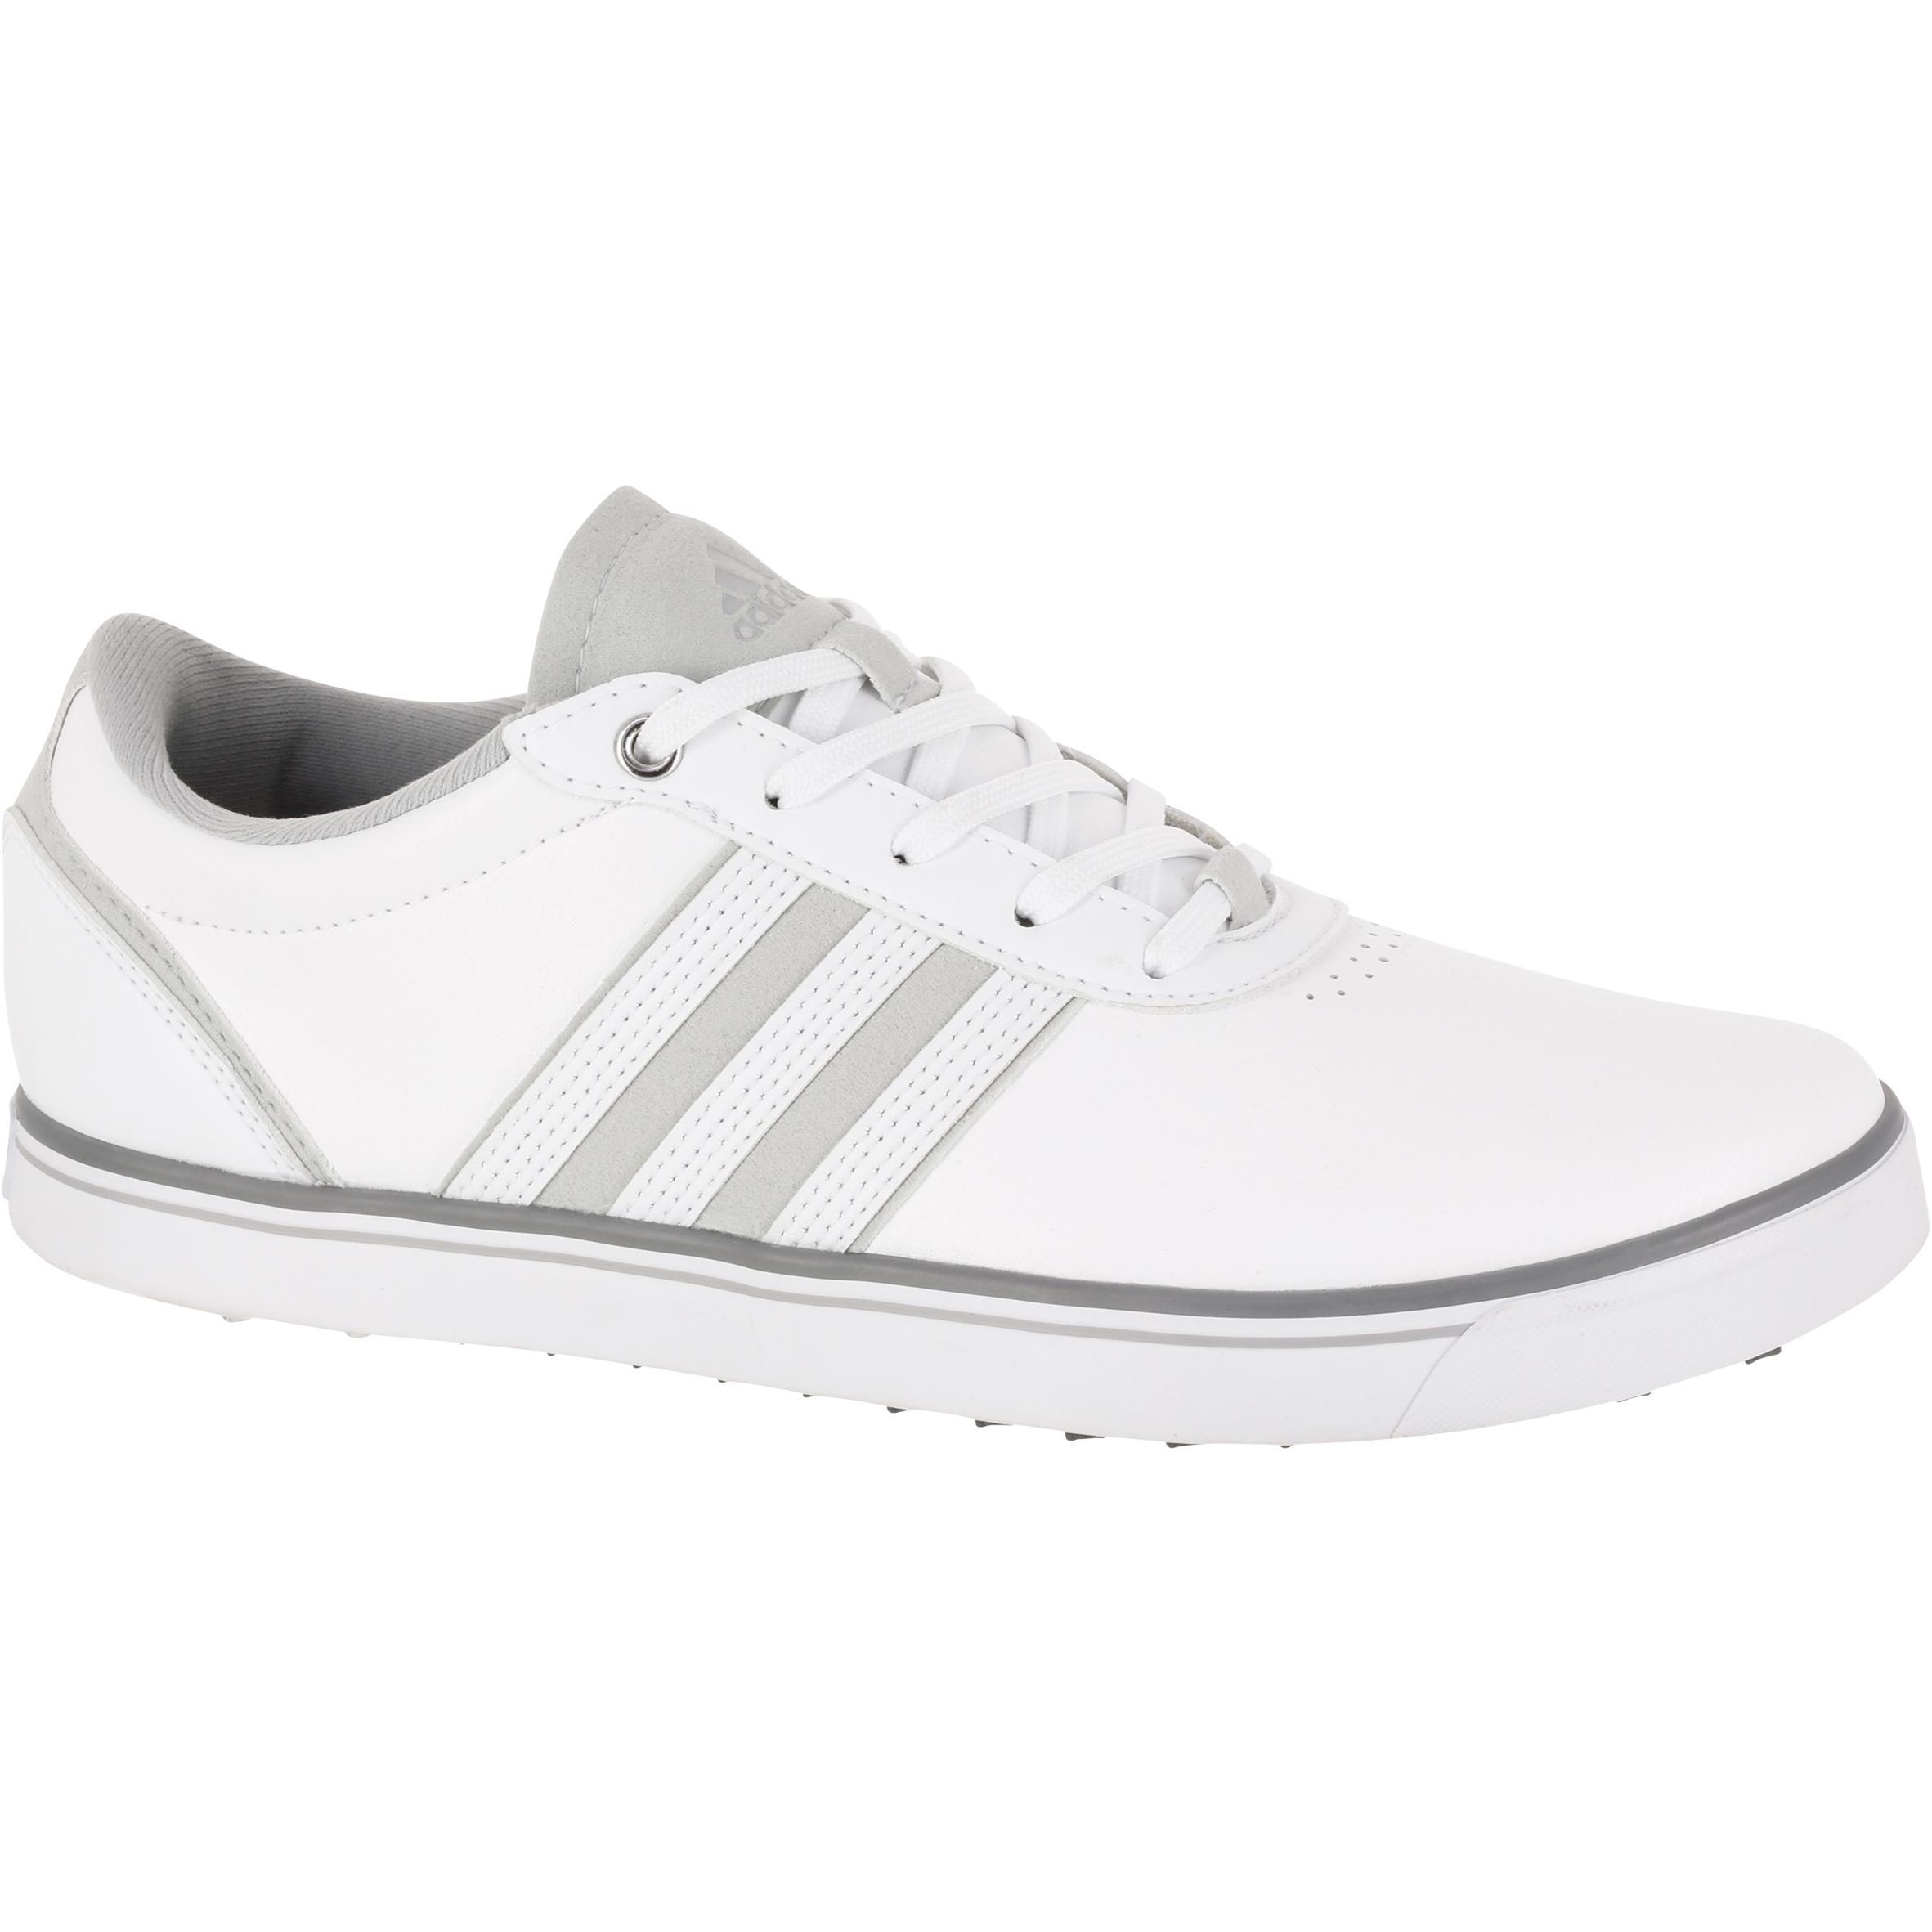 Adidas Golfschoenen Adicross voor dames wit thumbnail